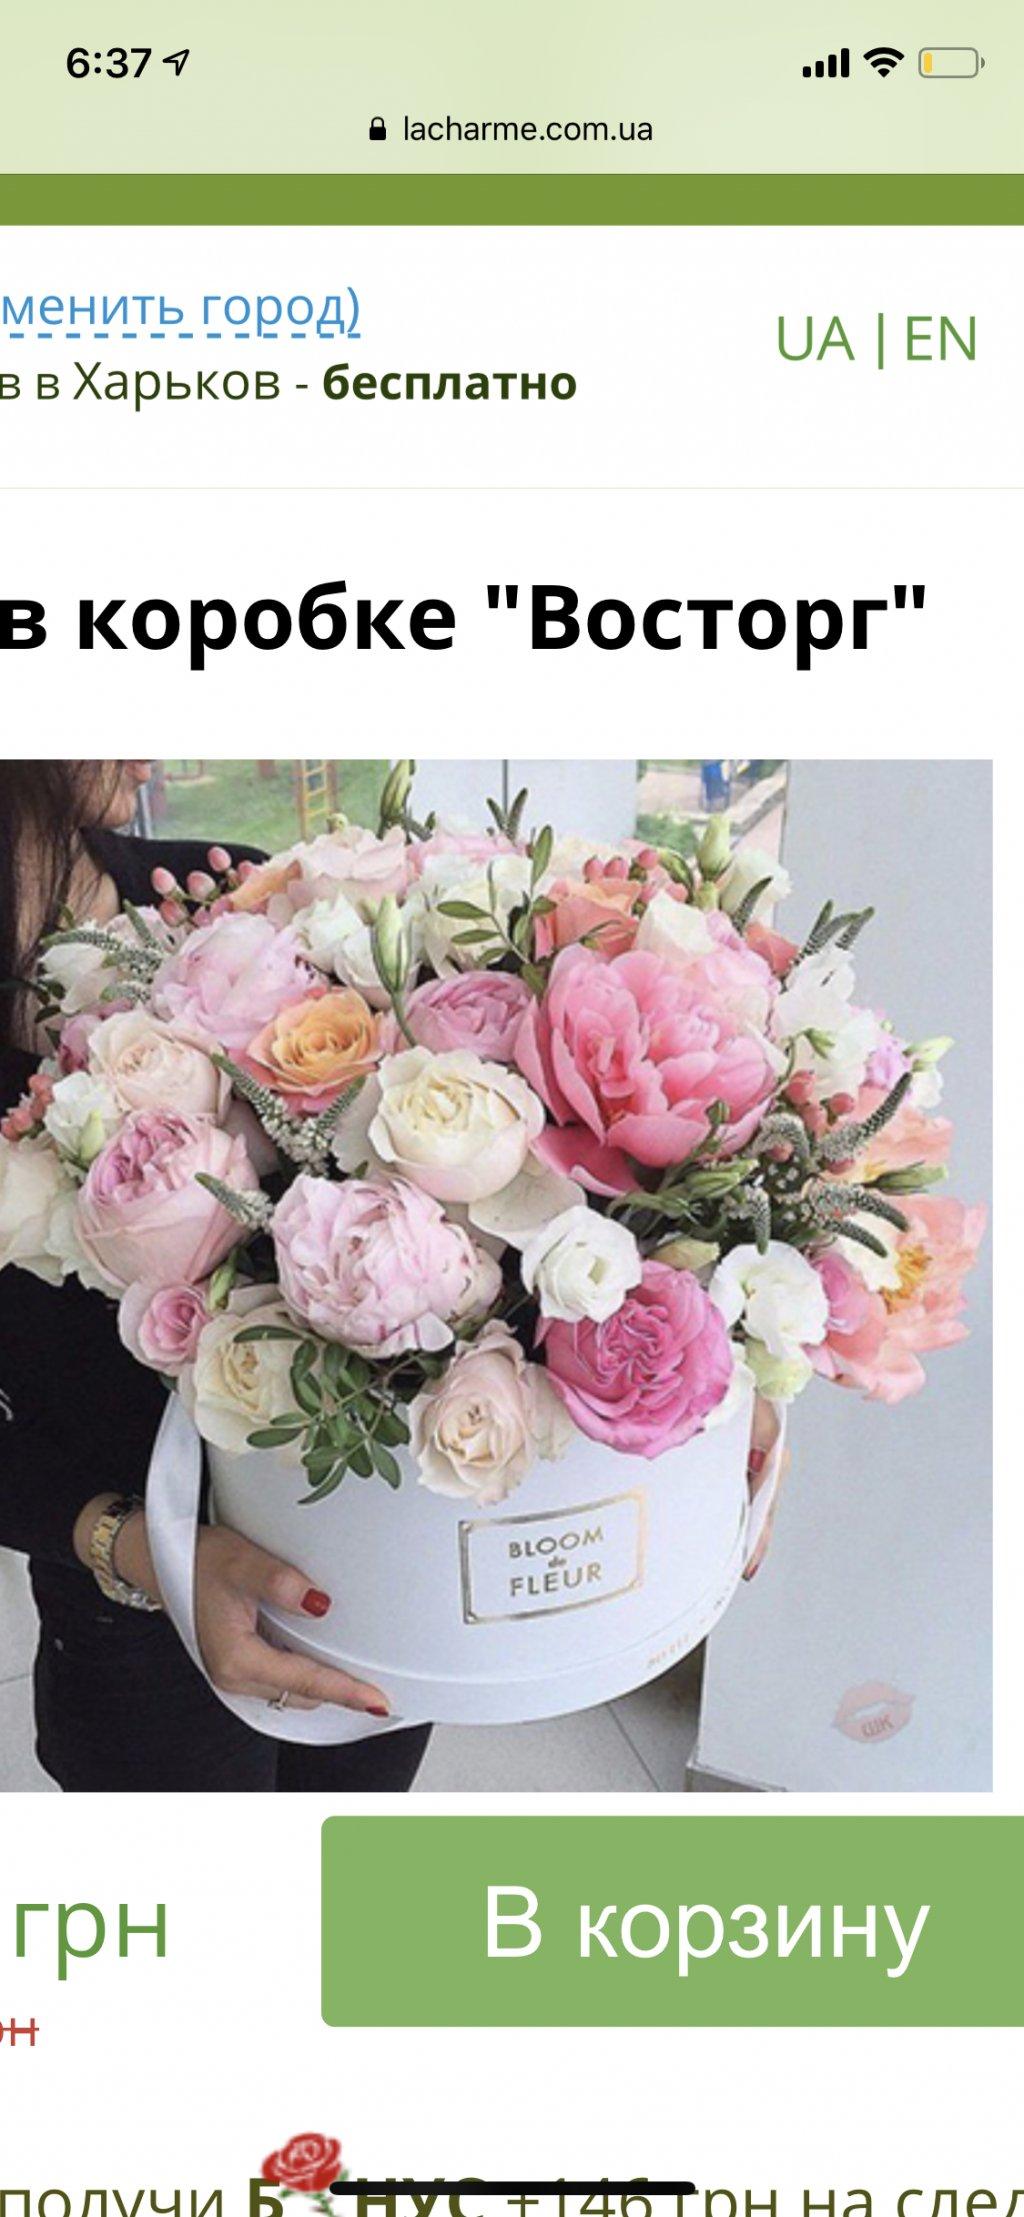 La Charme магазин цветов - Ужасно! Совсем другой букет.